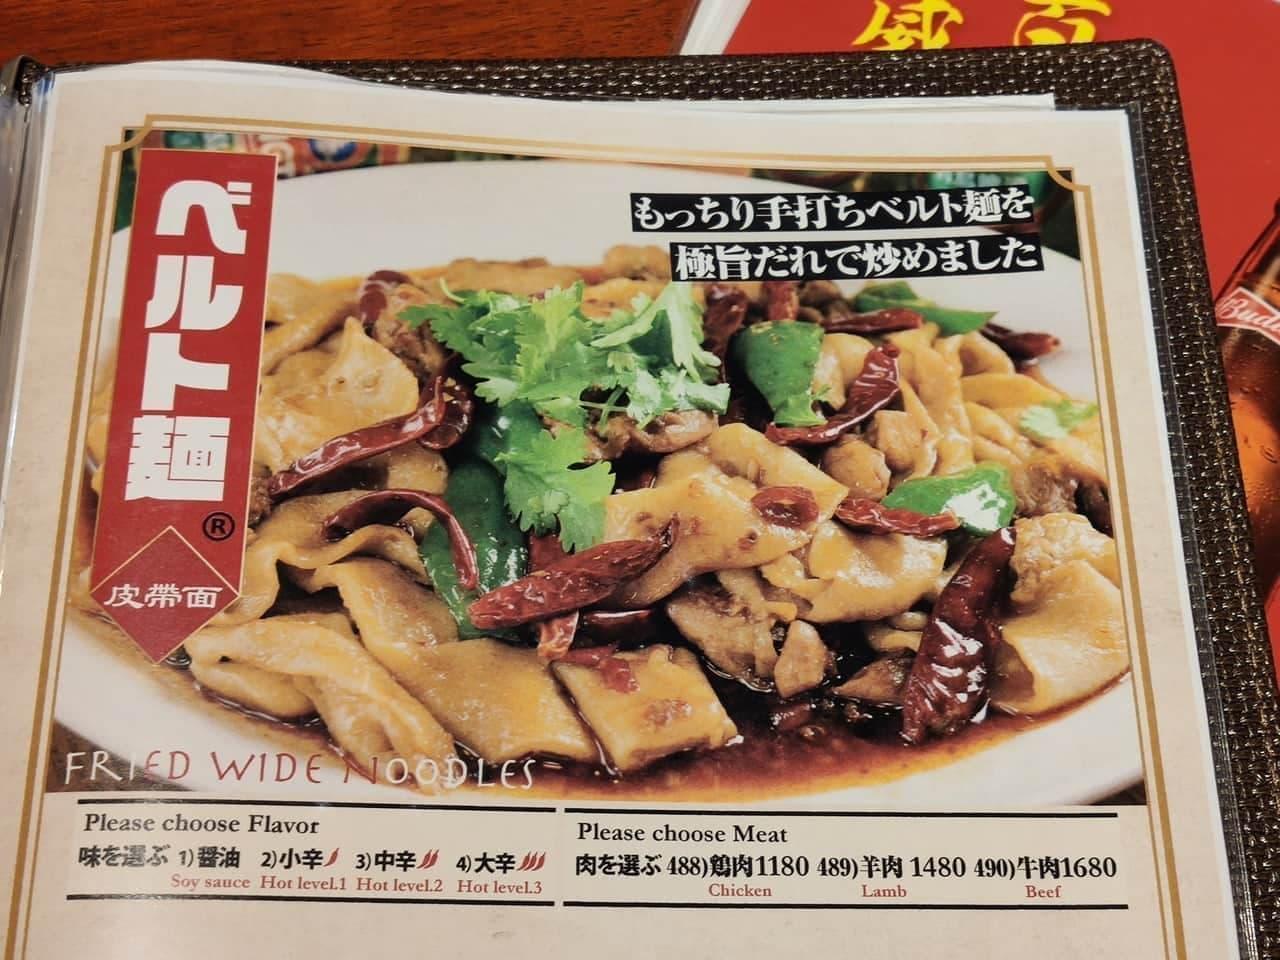 中国茶房8のベルト麺